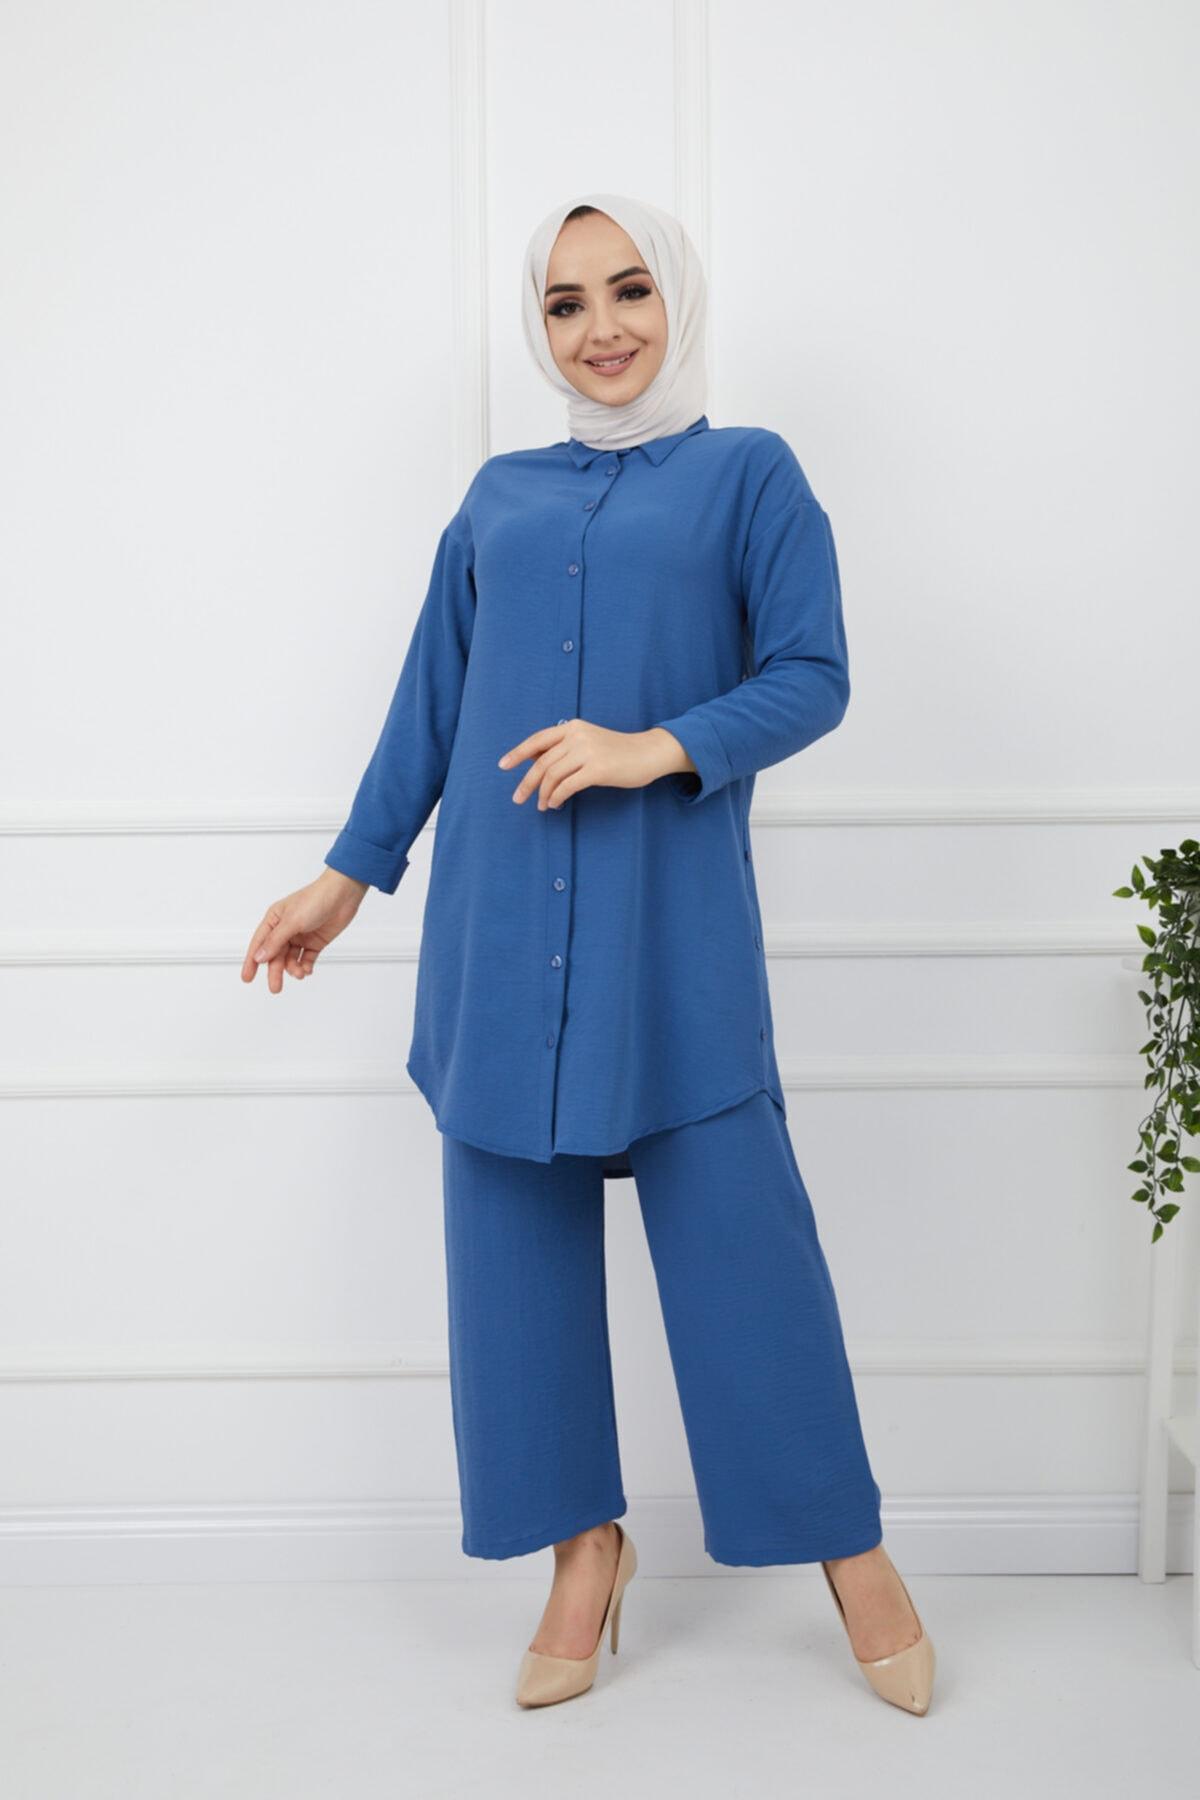 Kadın Tesettür Airobin Kumaş Tunik&bol Paça Pantolon Takım